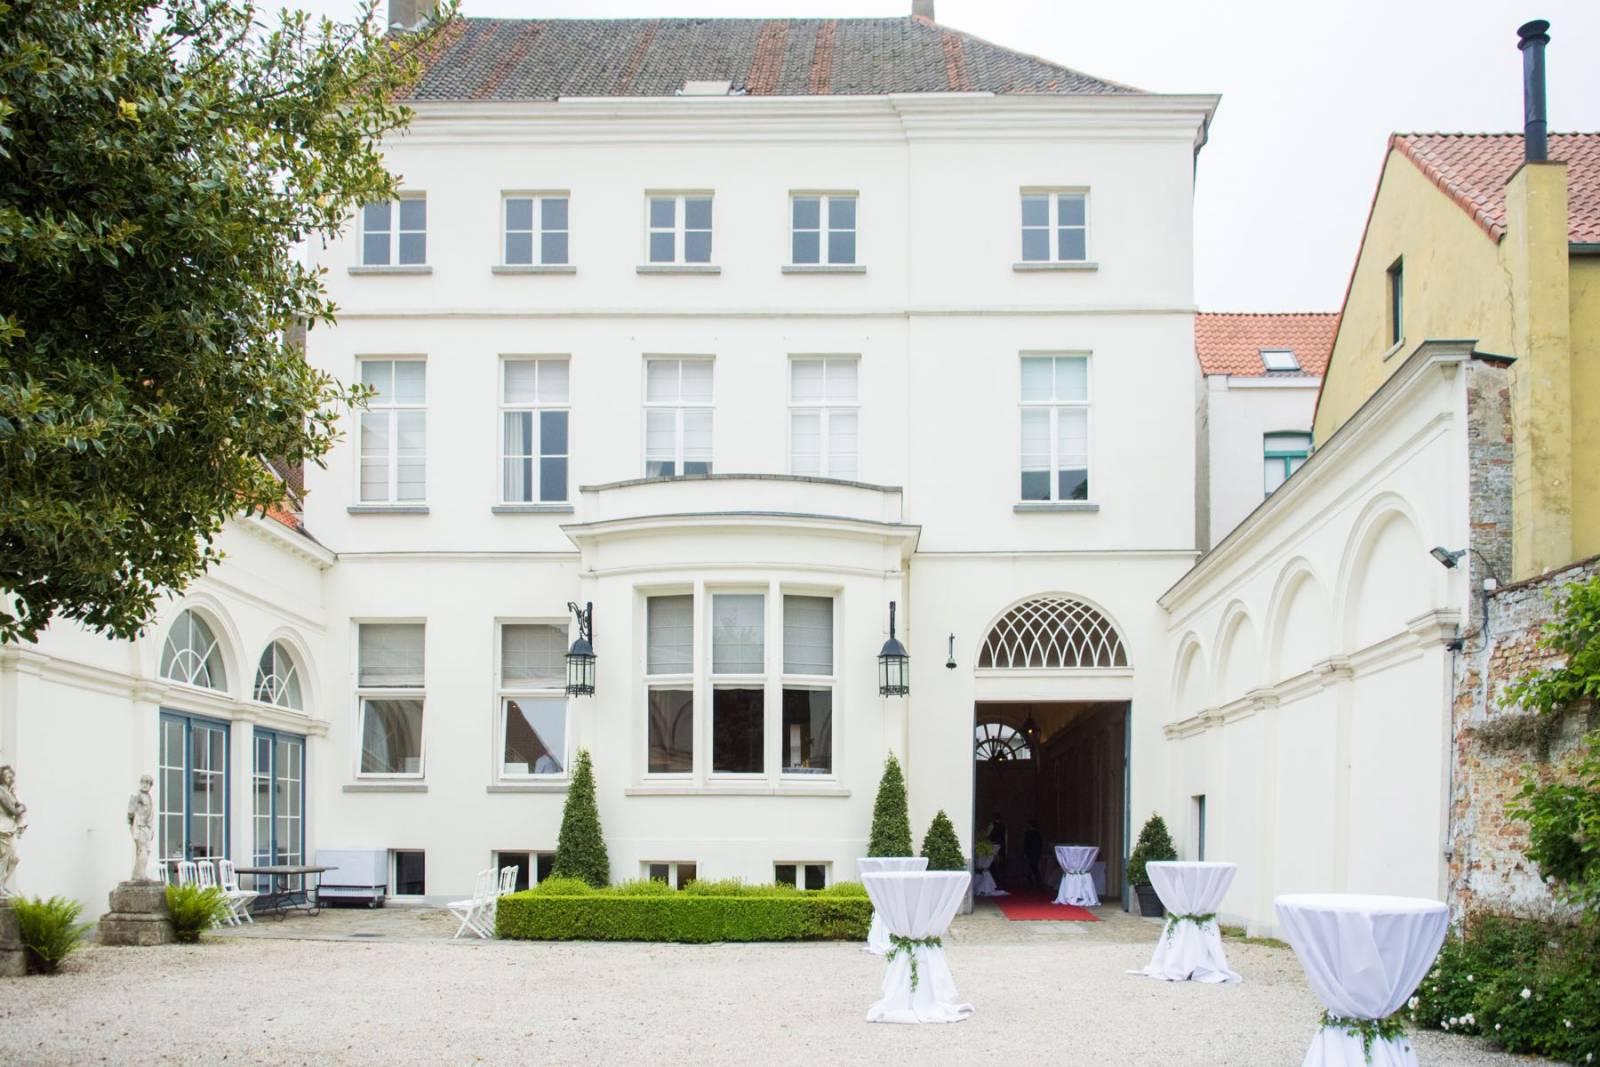 Huis Empire - Feestzaal - Brugge - House of Weddings - 6